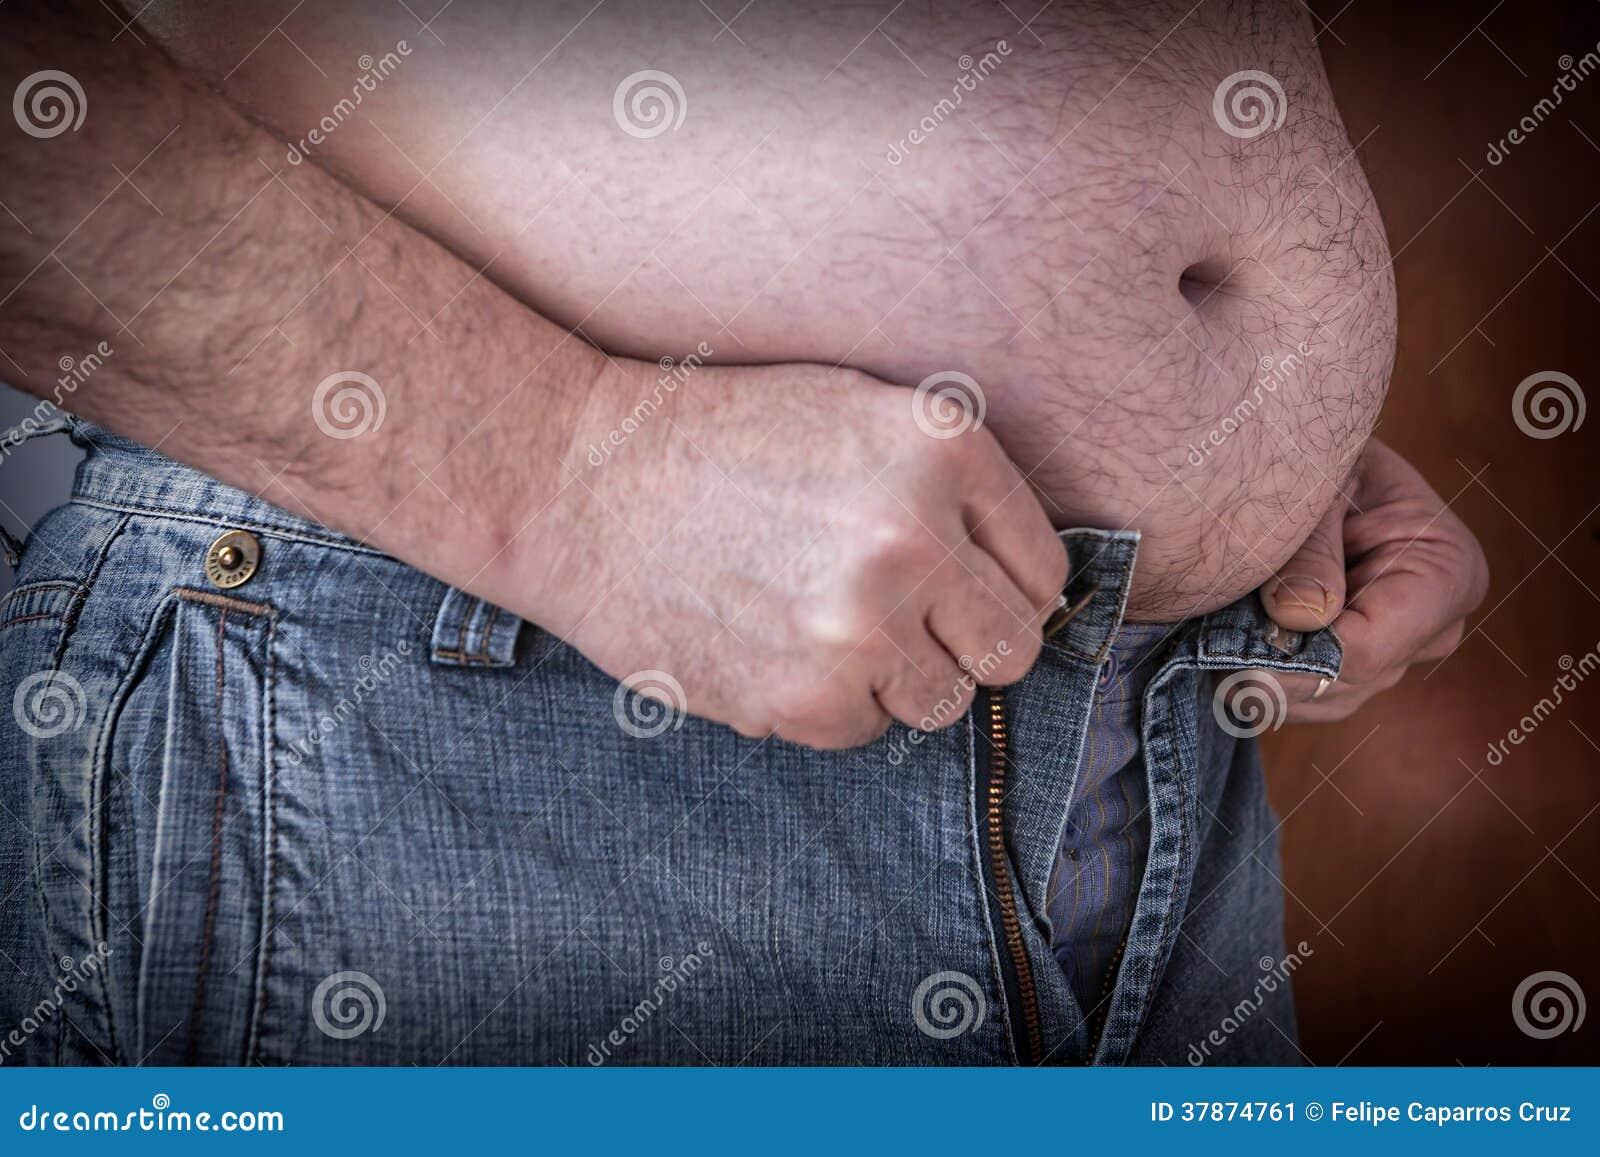 Uomo di peso eccessivo che prova a fissare i vestiti troppo piccoli